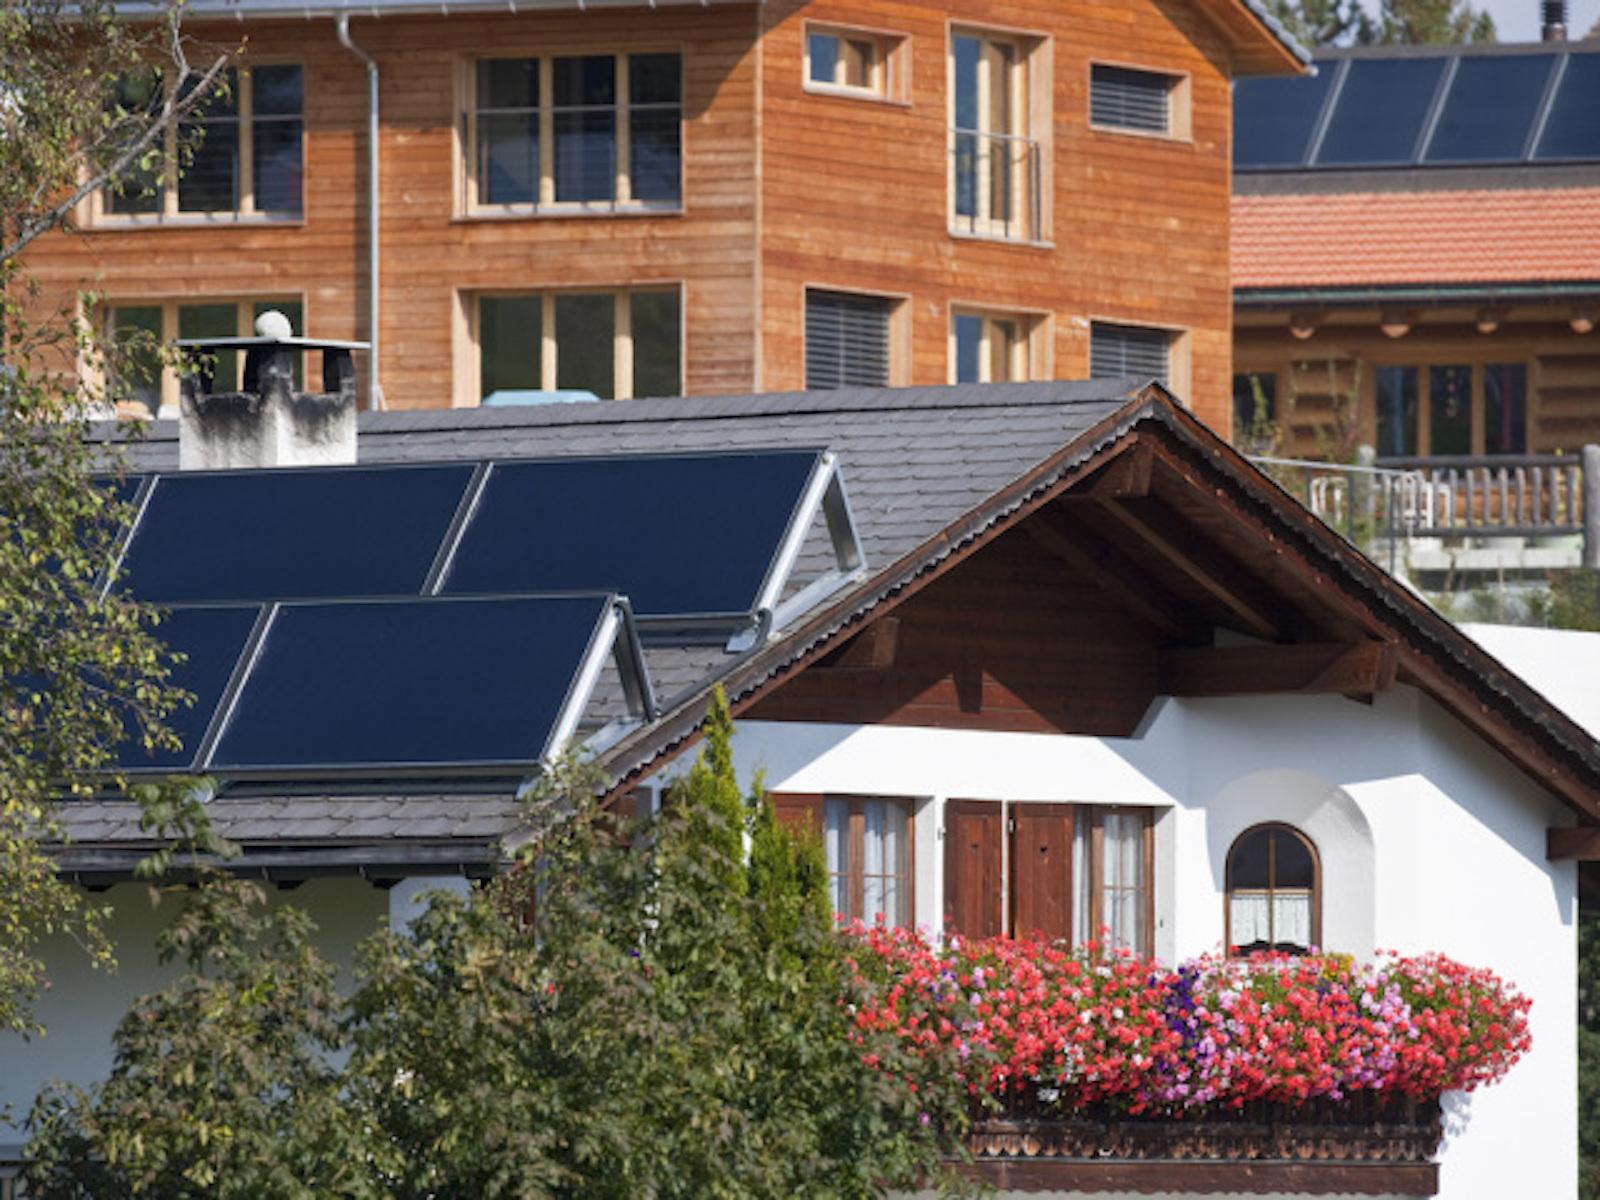 Smarte Häuser sparen Strom: Solarzellen auf einem Hausdach in Flerden GR. (Keystone/Gaetan Bally)